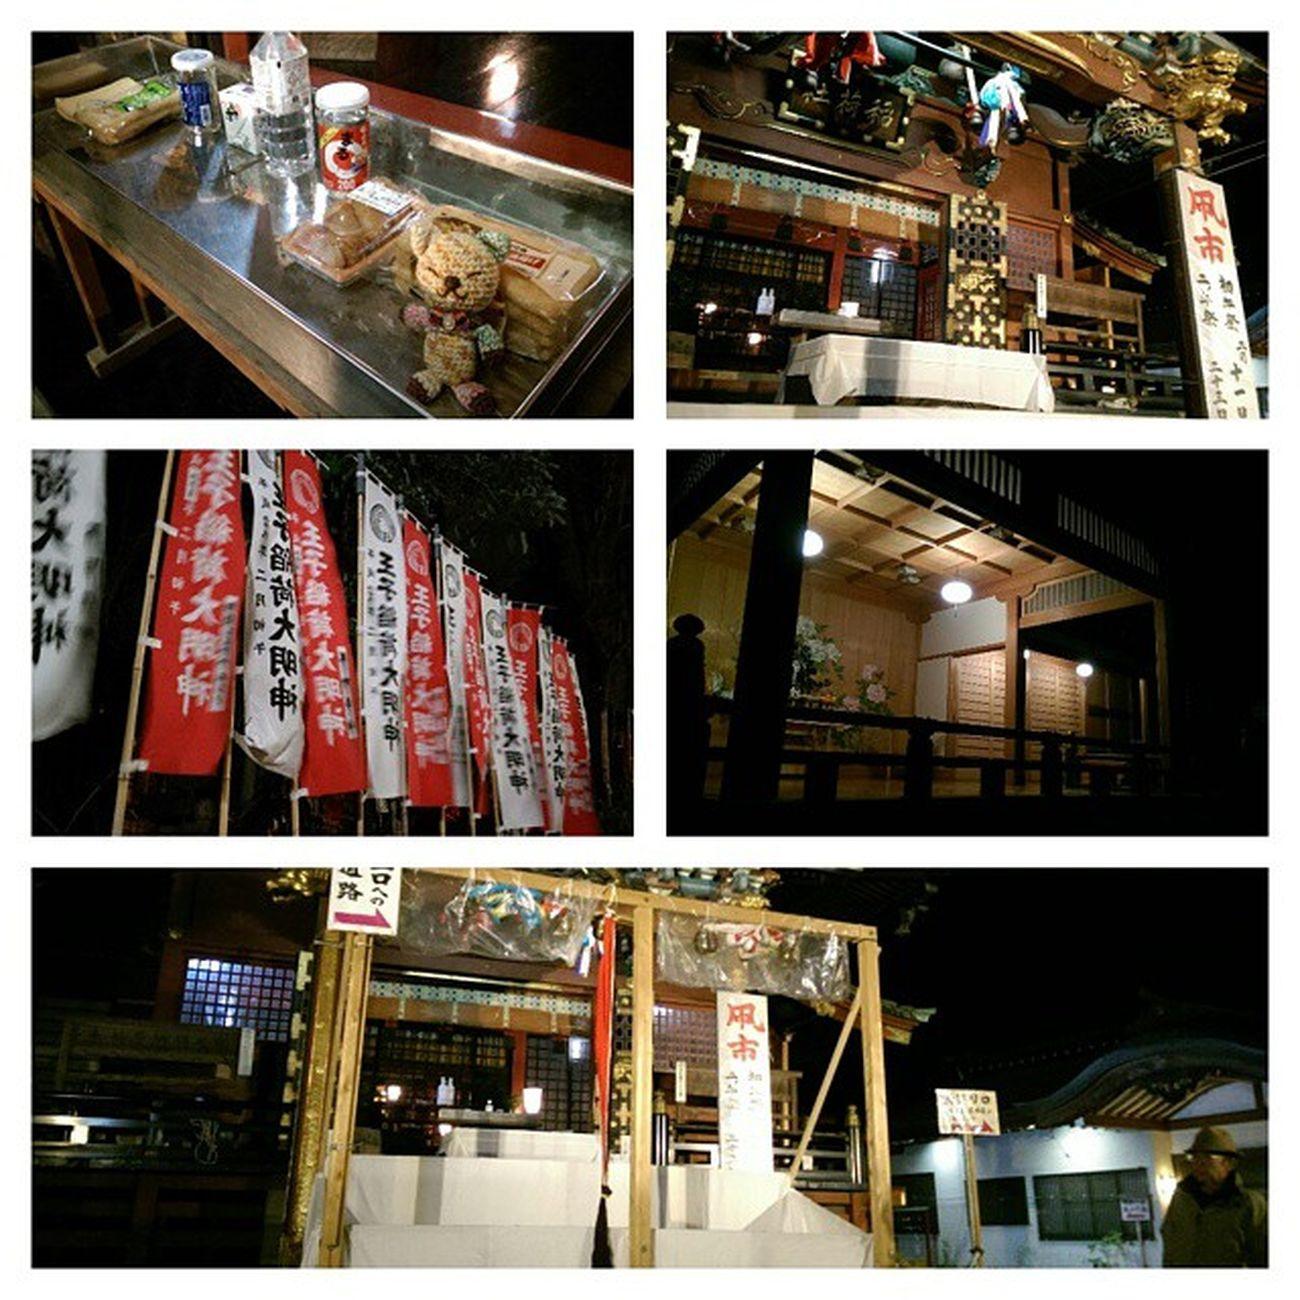 七写め。王子稲荷神社。嵐の前の静けさ。油揚げを奉納します。